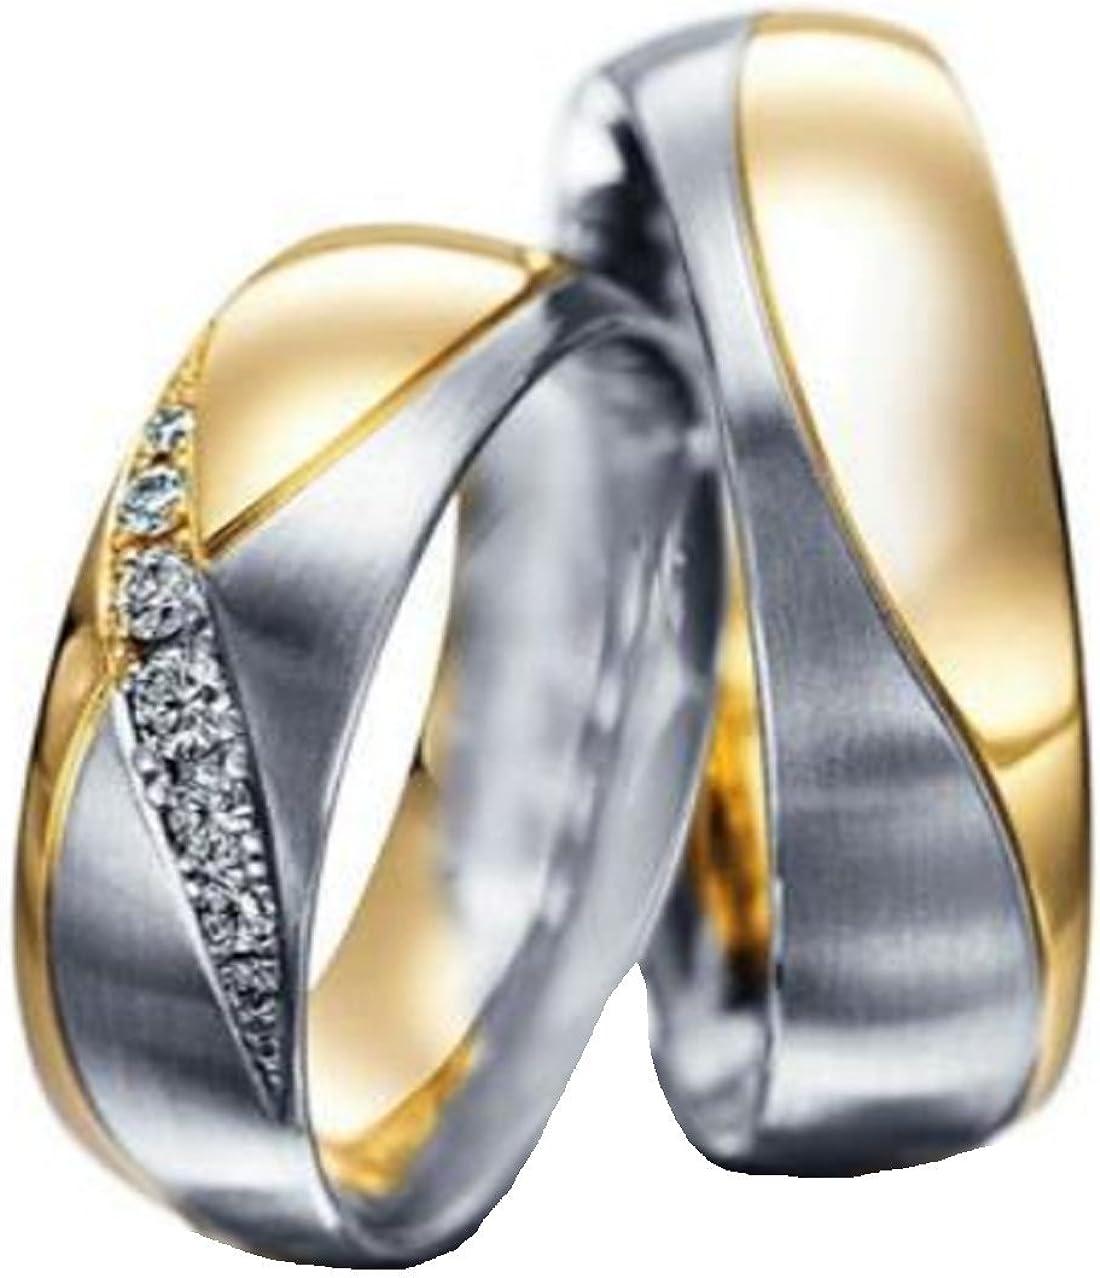 Gratis Gravur Ein Verlobungsring Trauring aus Titan rosegold/_silver TH23